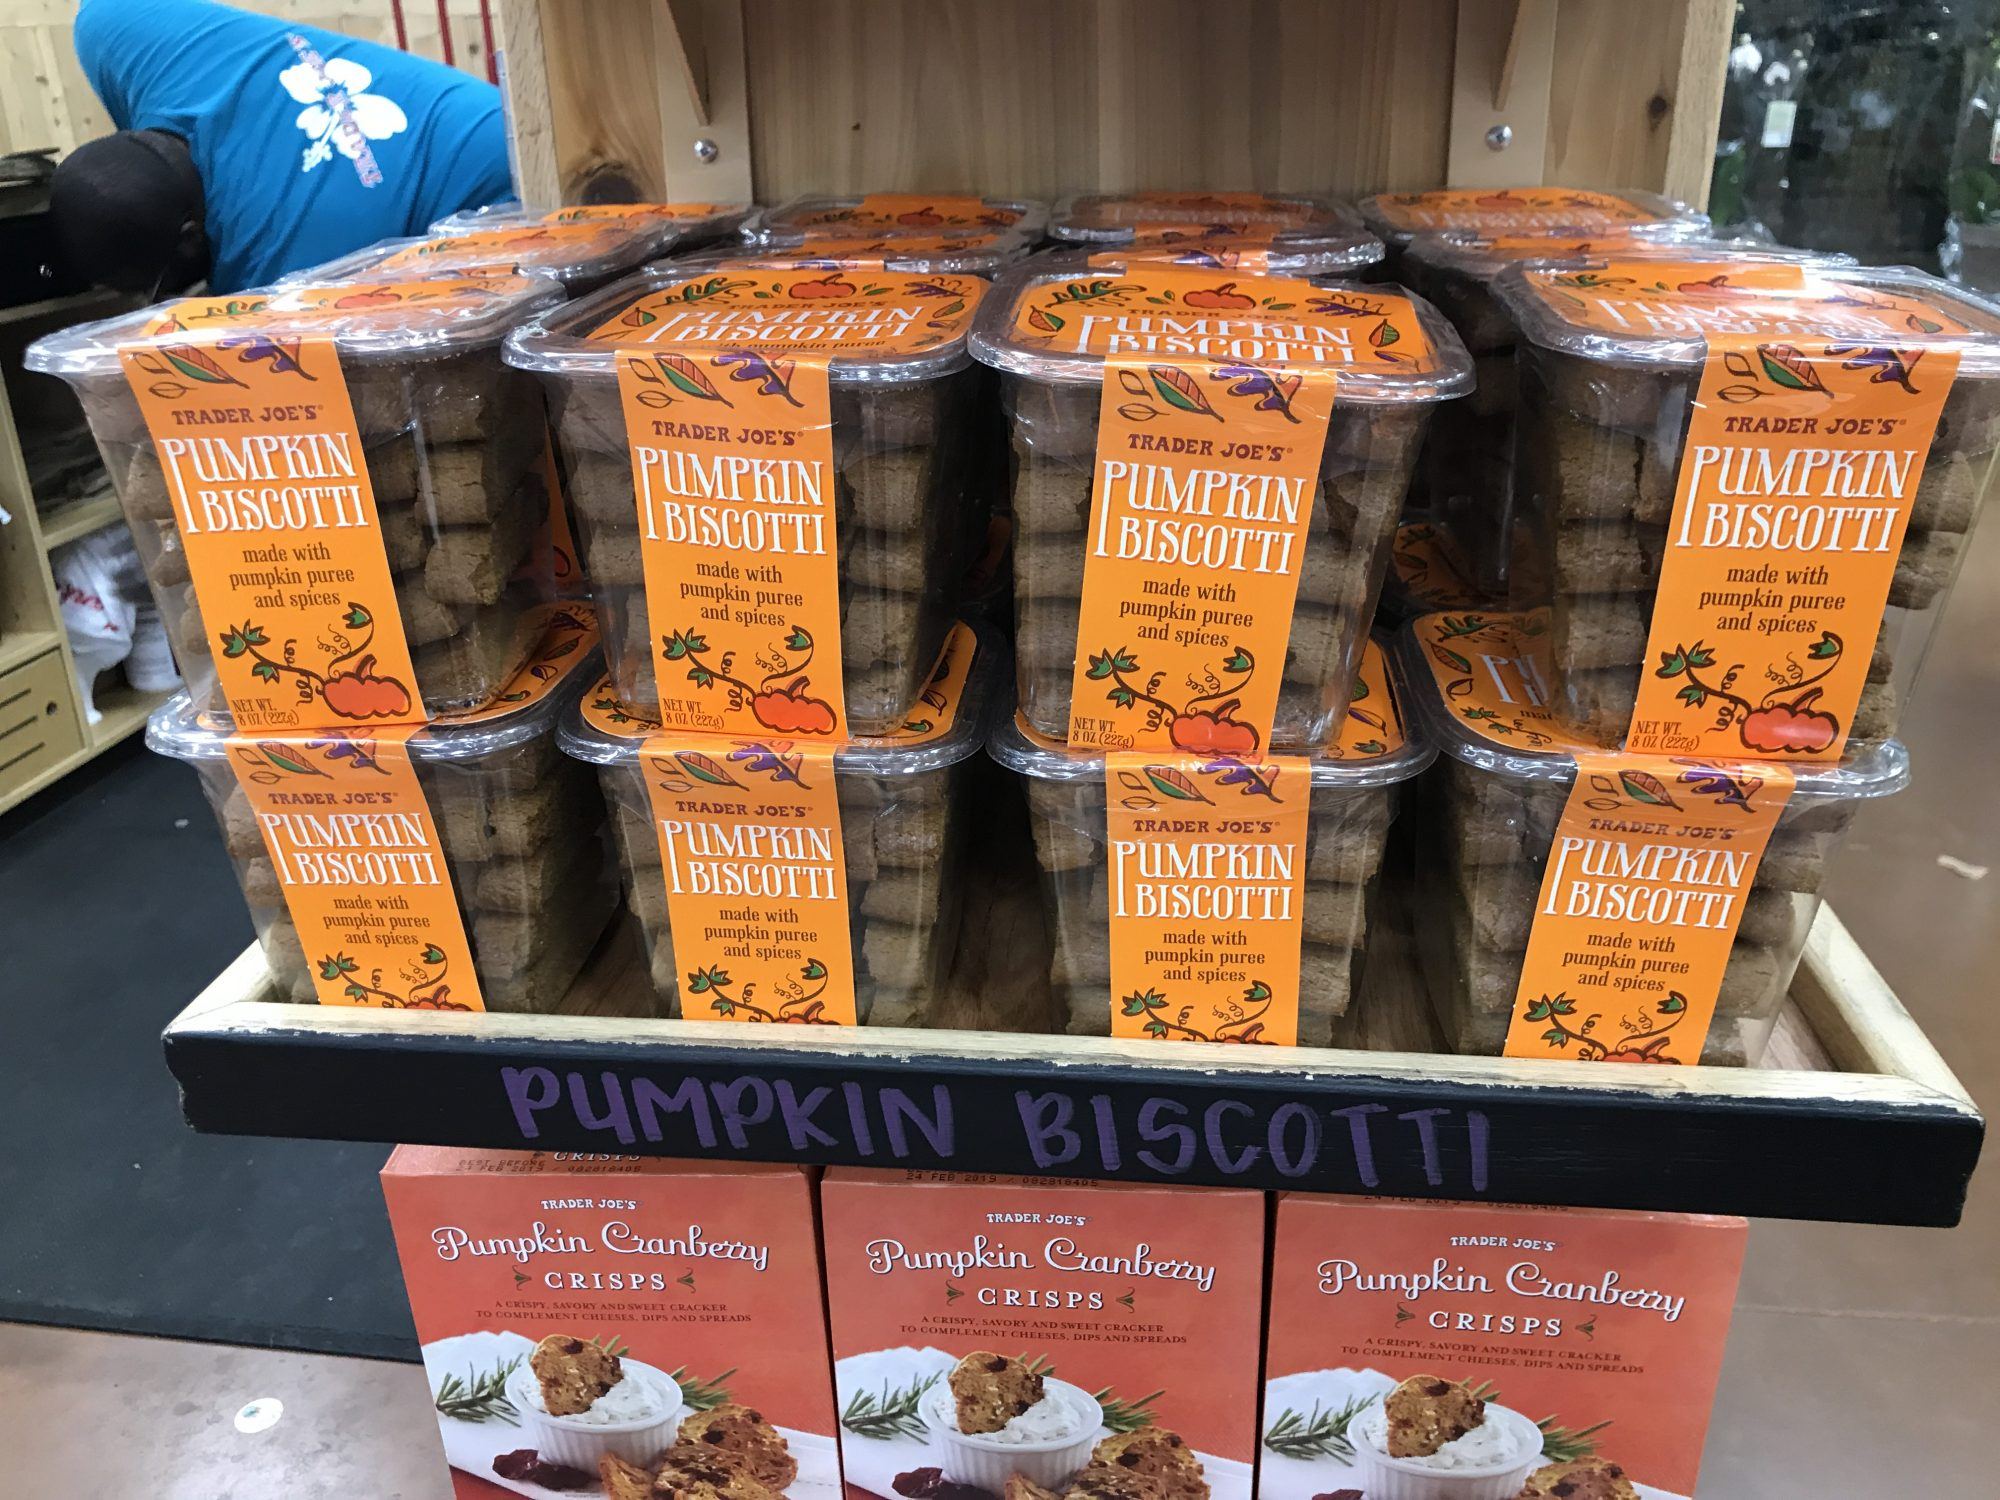 TJ's Pumpkin Biscotti